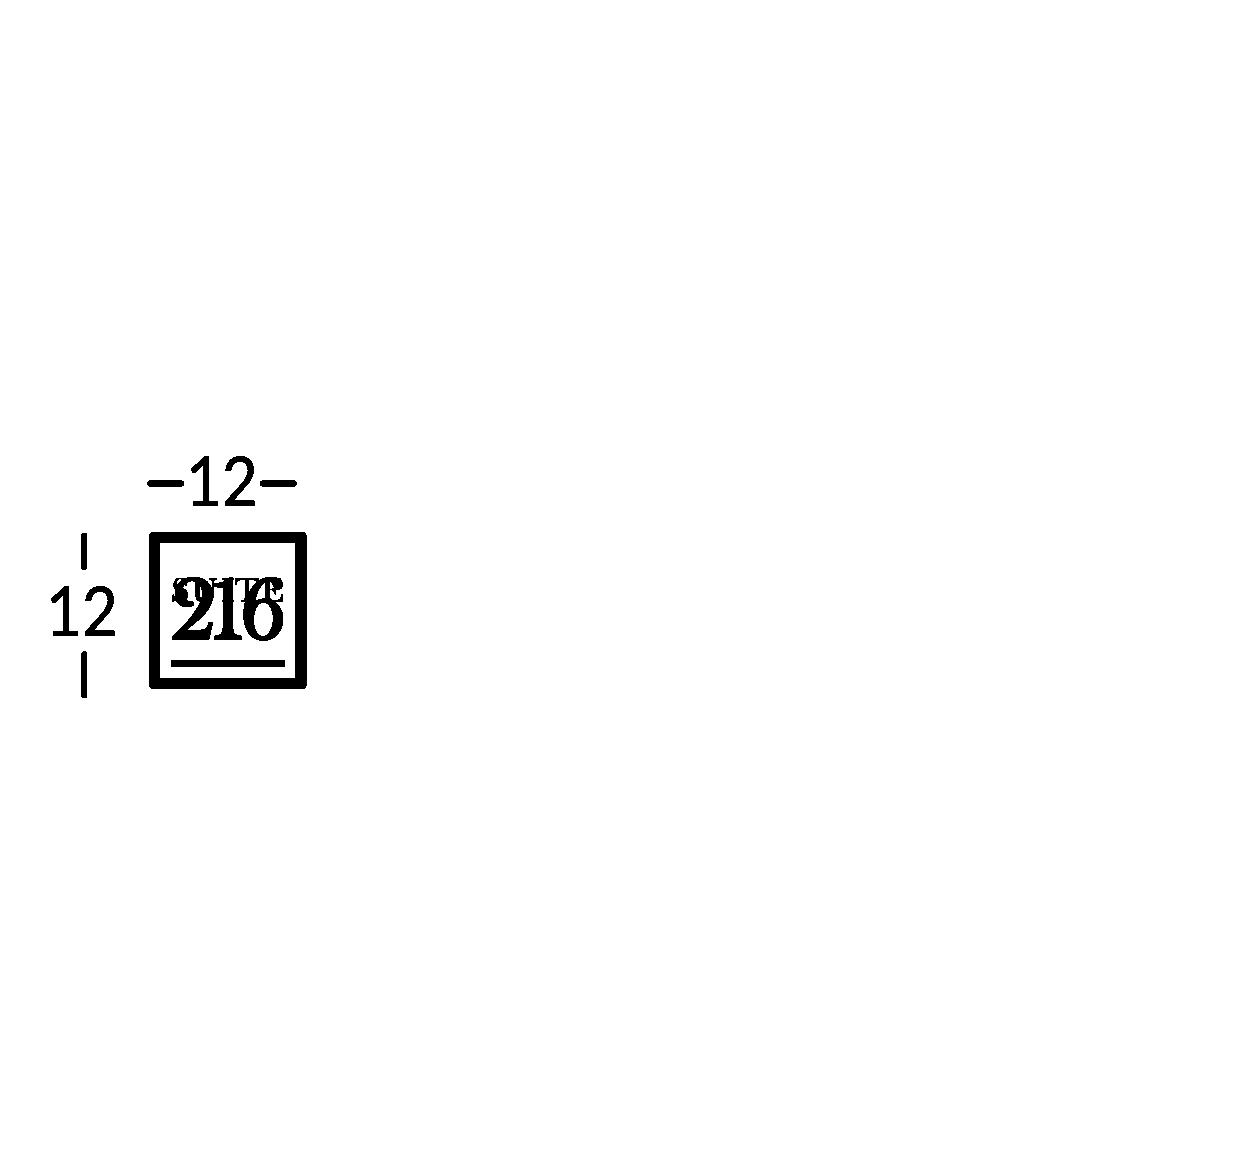 Linea di segnaletica in ottone anticato scuro, con caratteri incisi ottone naturale.